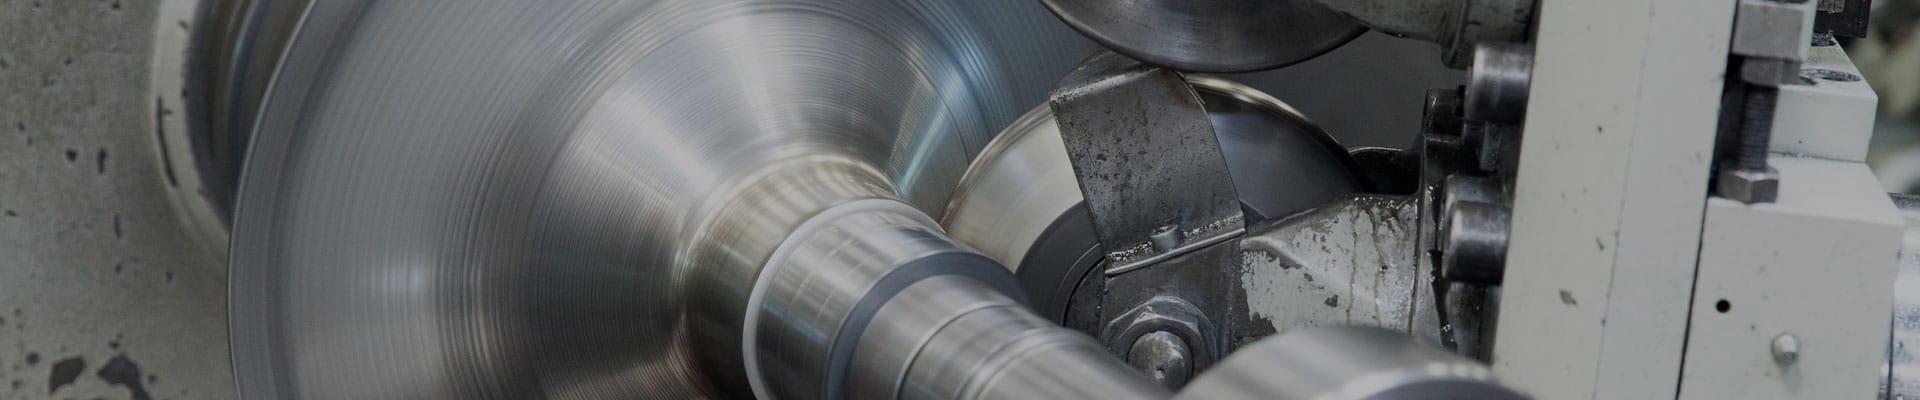 metalltrichter tiefziehen metall tiefziehteile hersteller blech tiefziehen kleinserie tiefziehteile metall metall umformen umformen von metallen tiefziehteile edelstahl